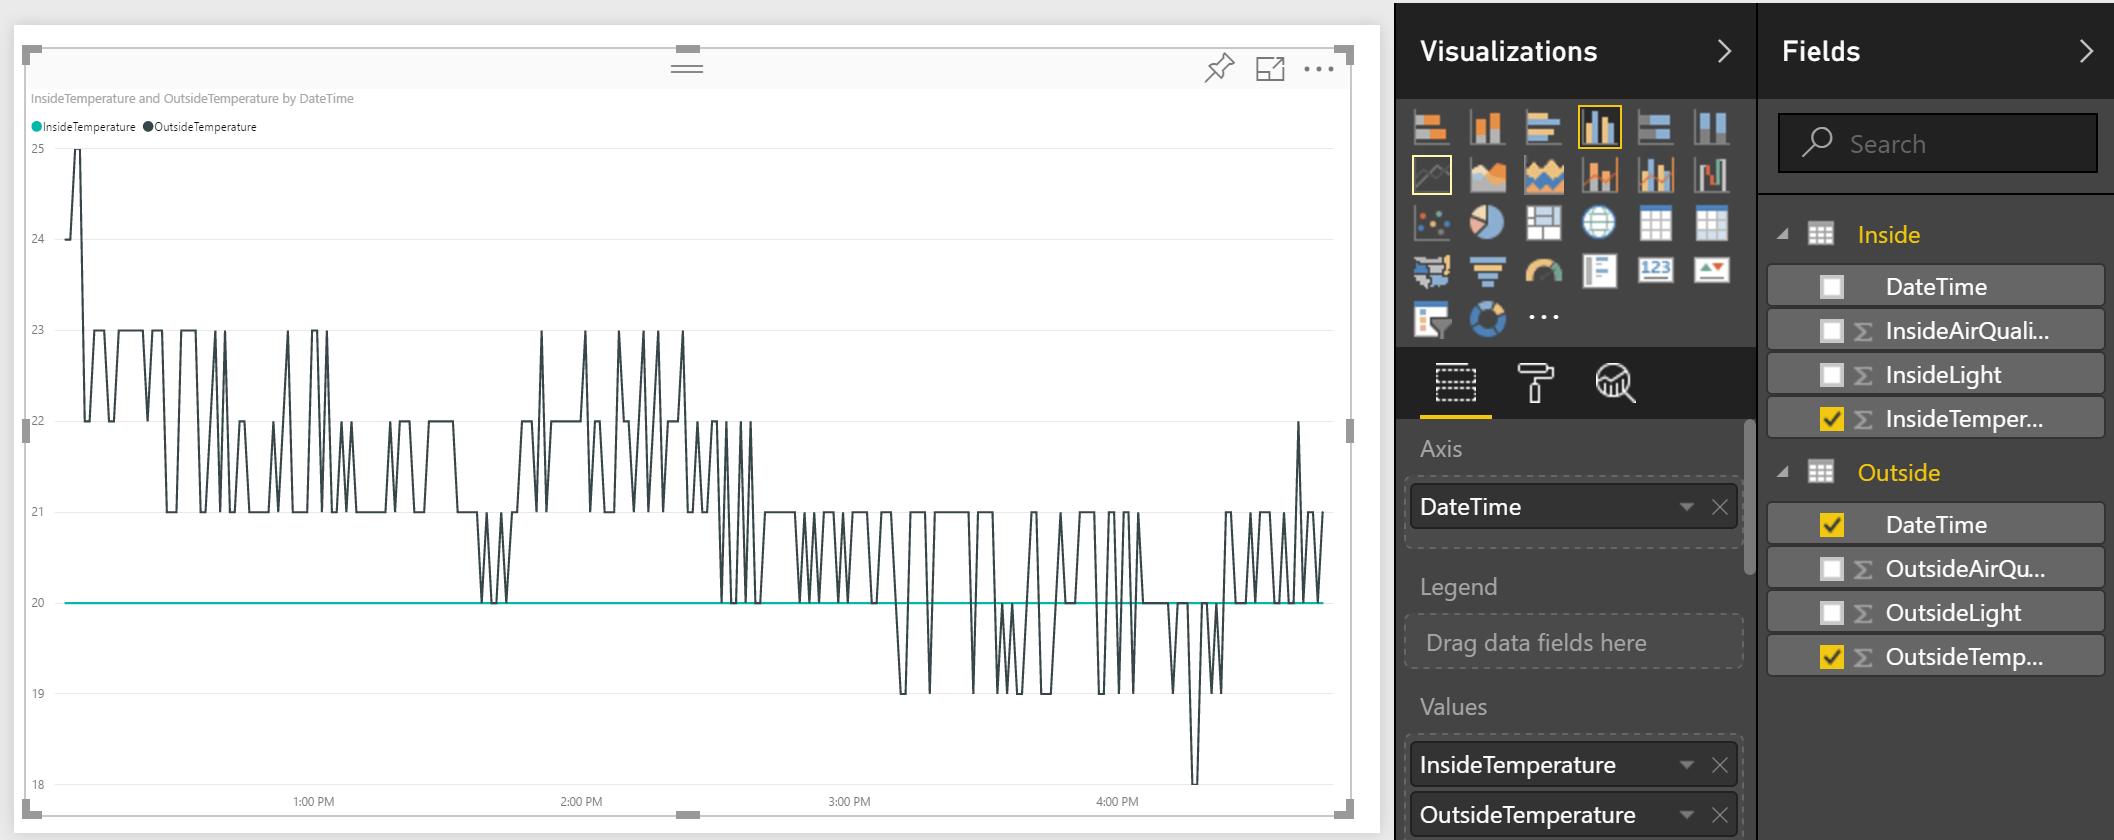 Powerbi Env Visual 1